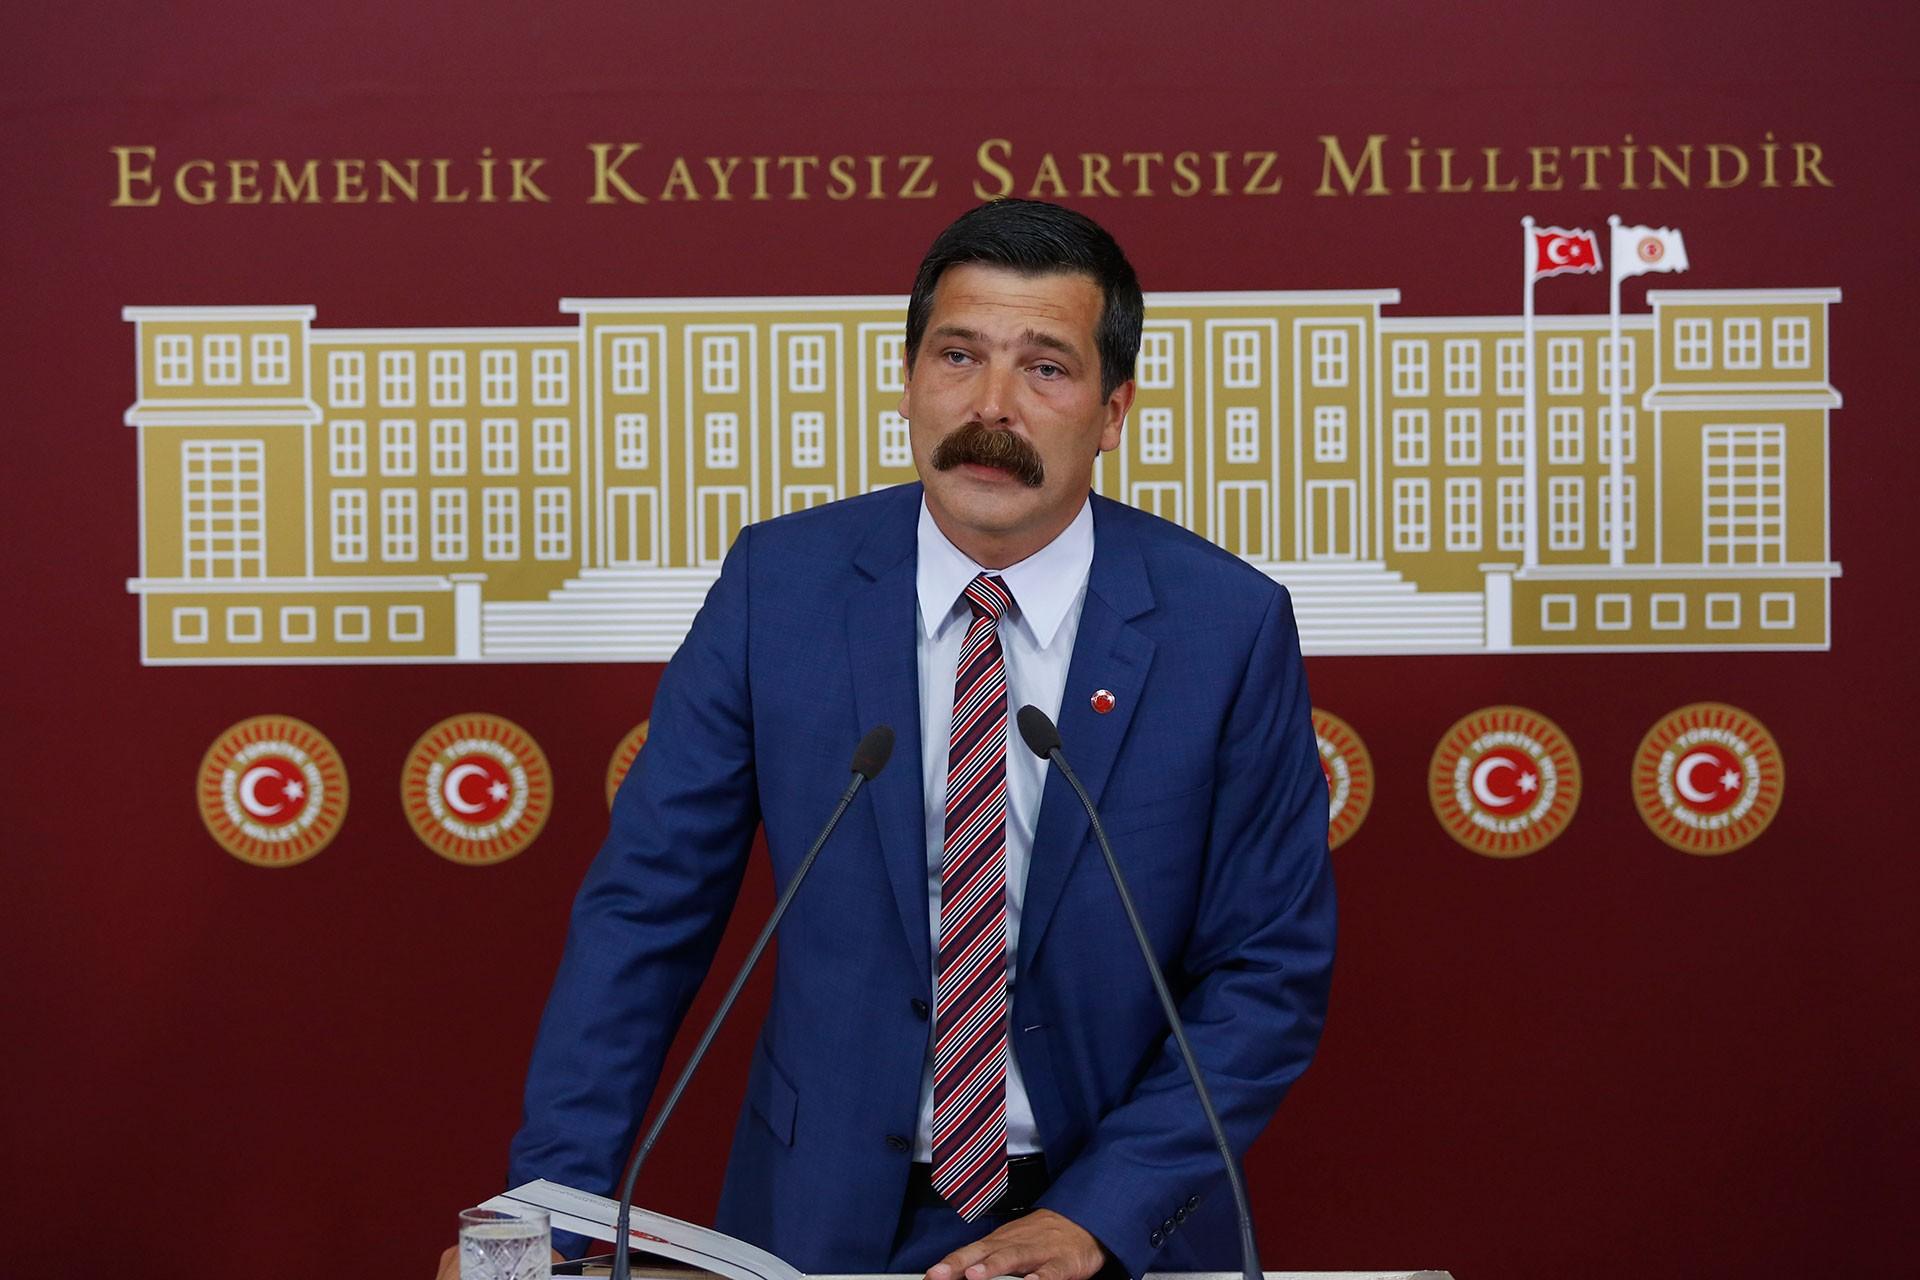 Erkan Baş'tan sandığa çağrı: AKP'nin karanlığına 'dur' demek için oy vereceğiz